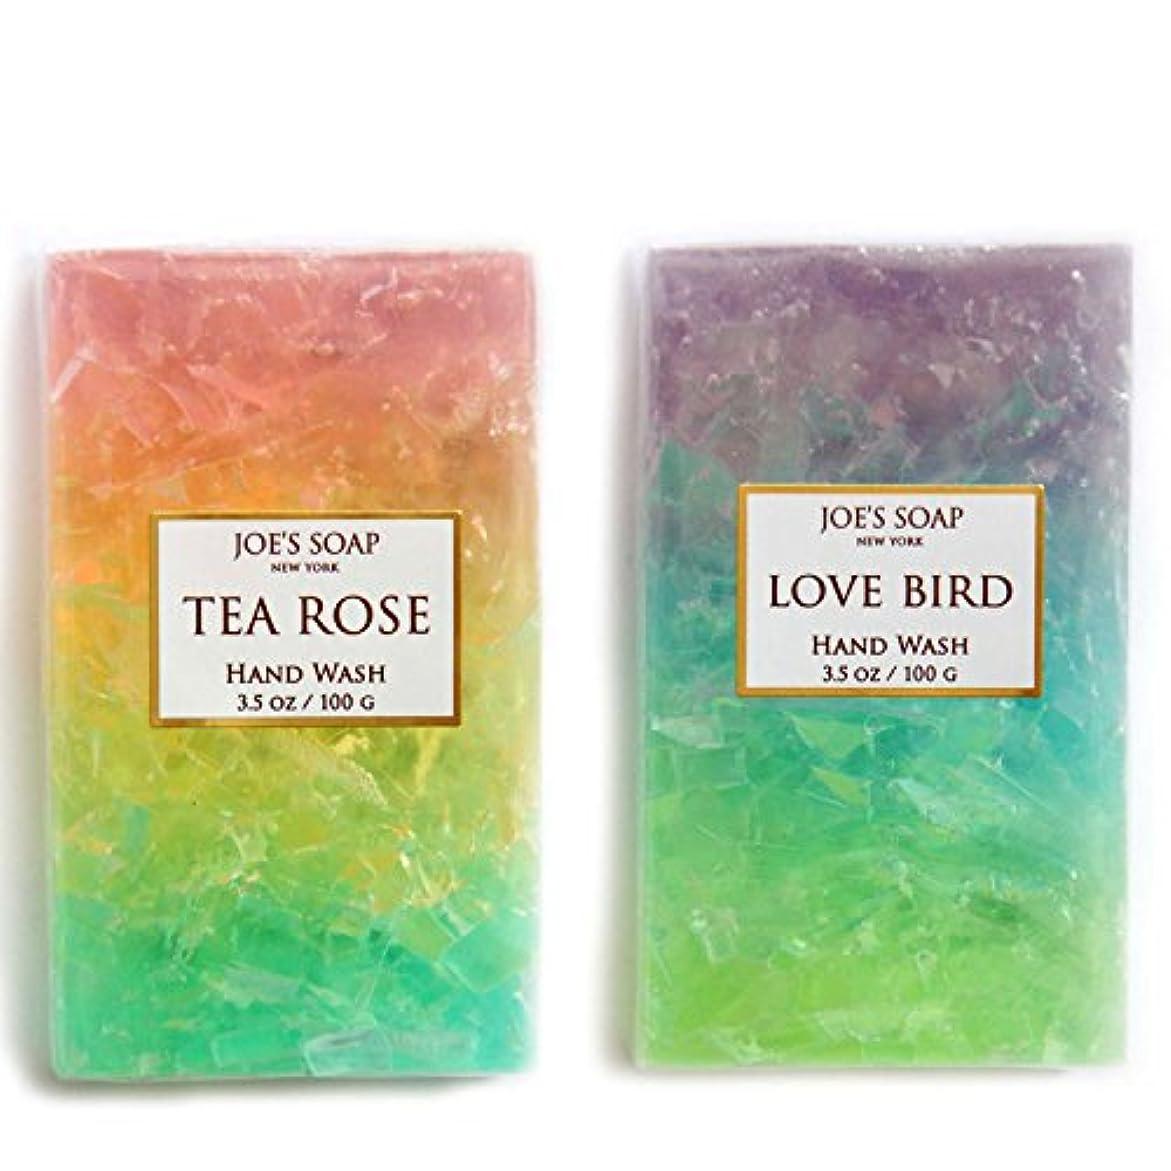 盲目保持カウンタJOE'S SOAP ジョーズソープ グラスソープ 石鹸 100g(TEA ROSE、LOVE BIRD、2個セット)